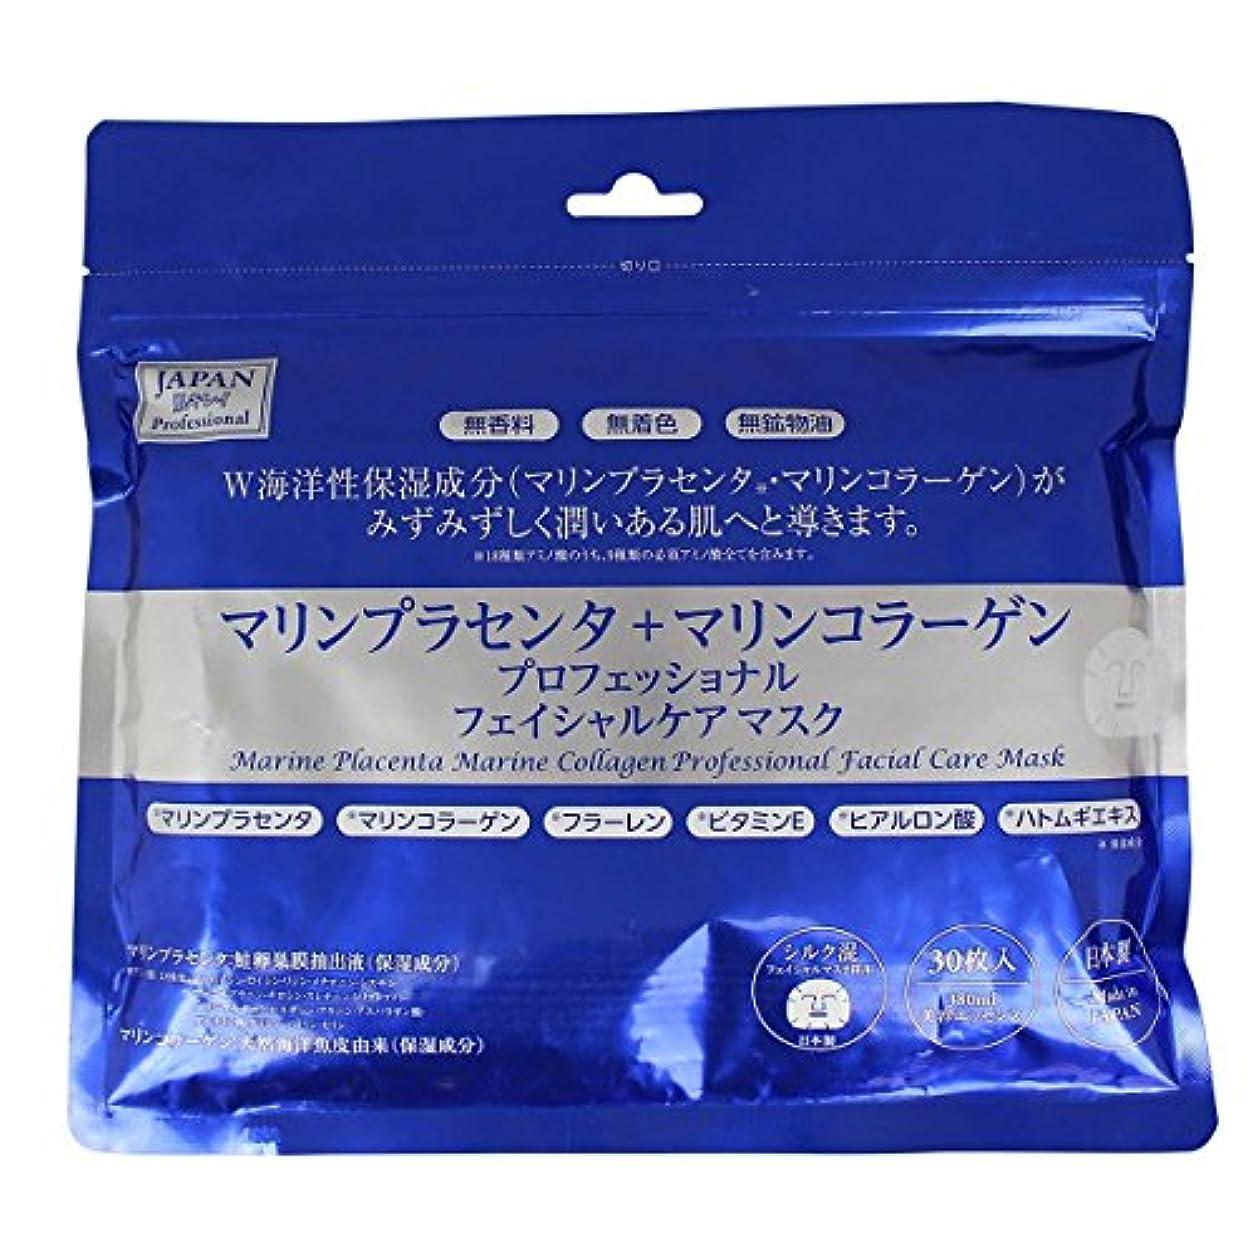 鮫エクステントリファインプロフェッショナル フェイスマスク マリンプラセンタ+マリンコラーゲン 30枚入